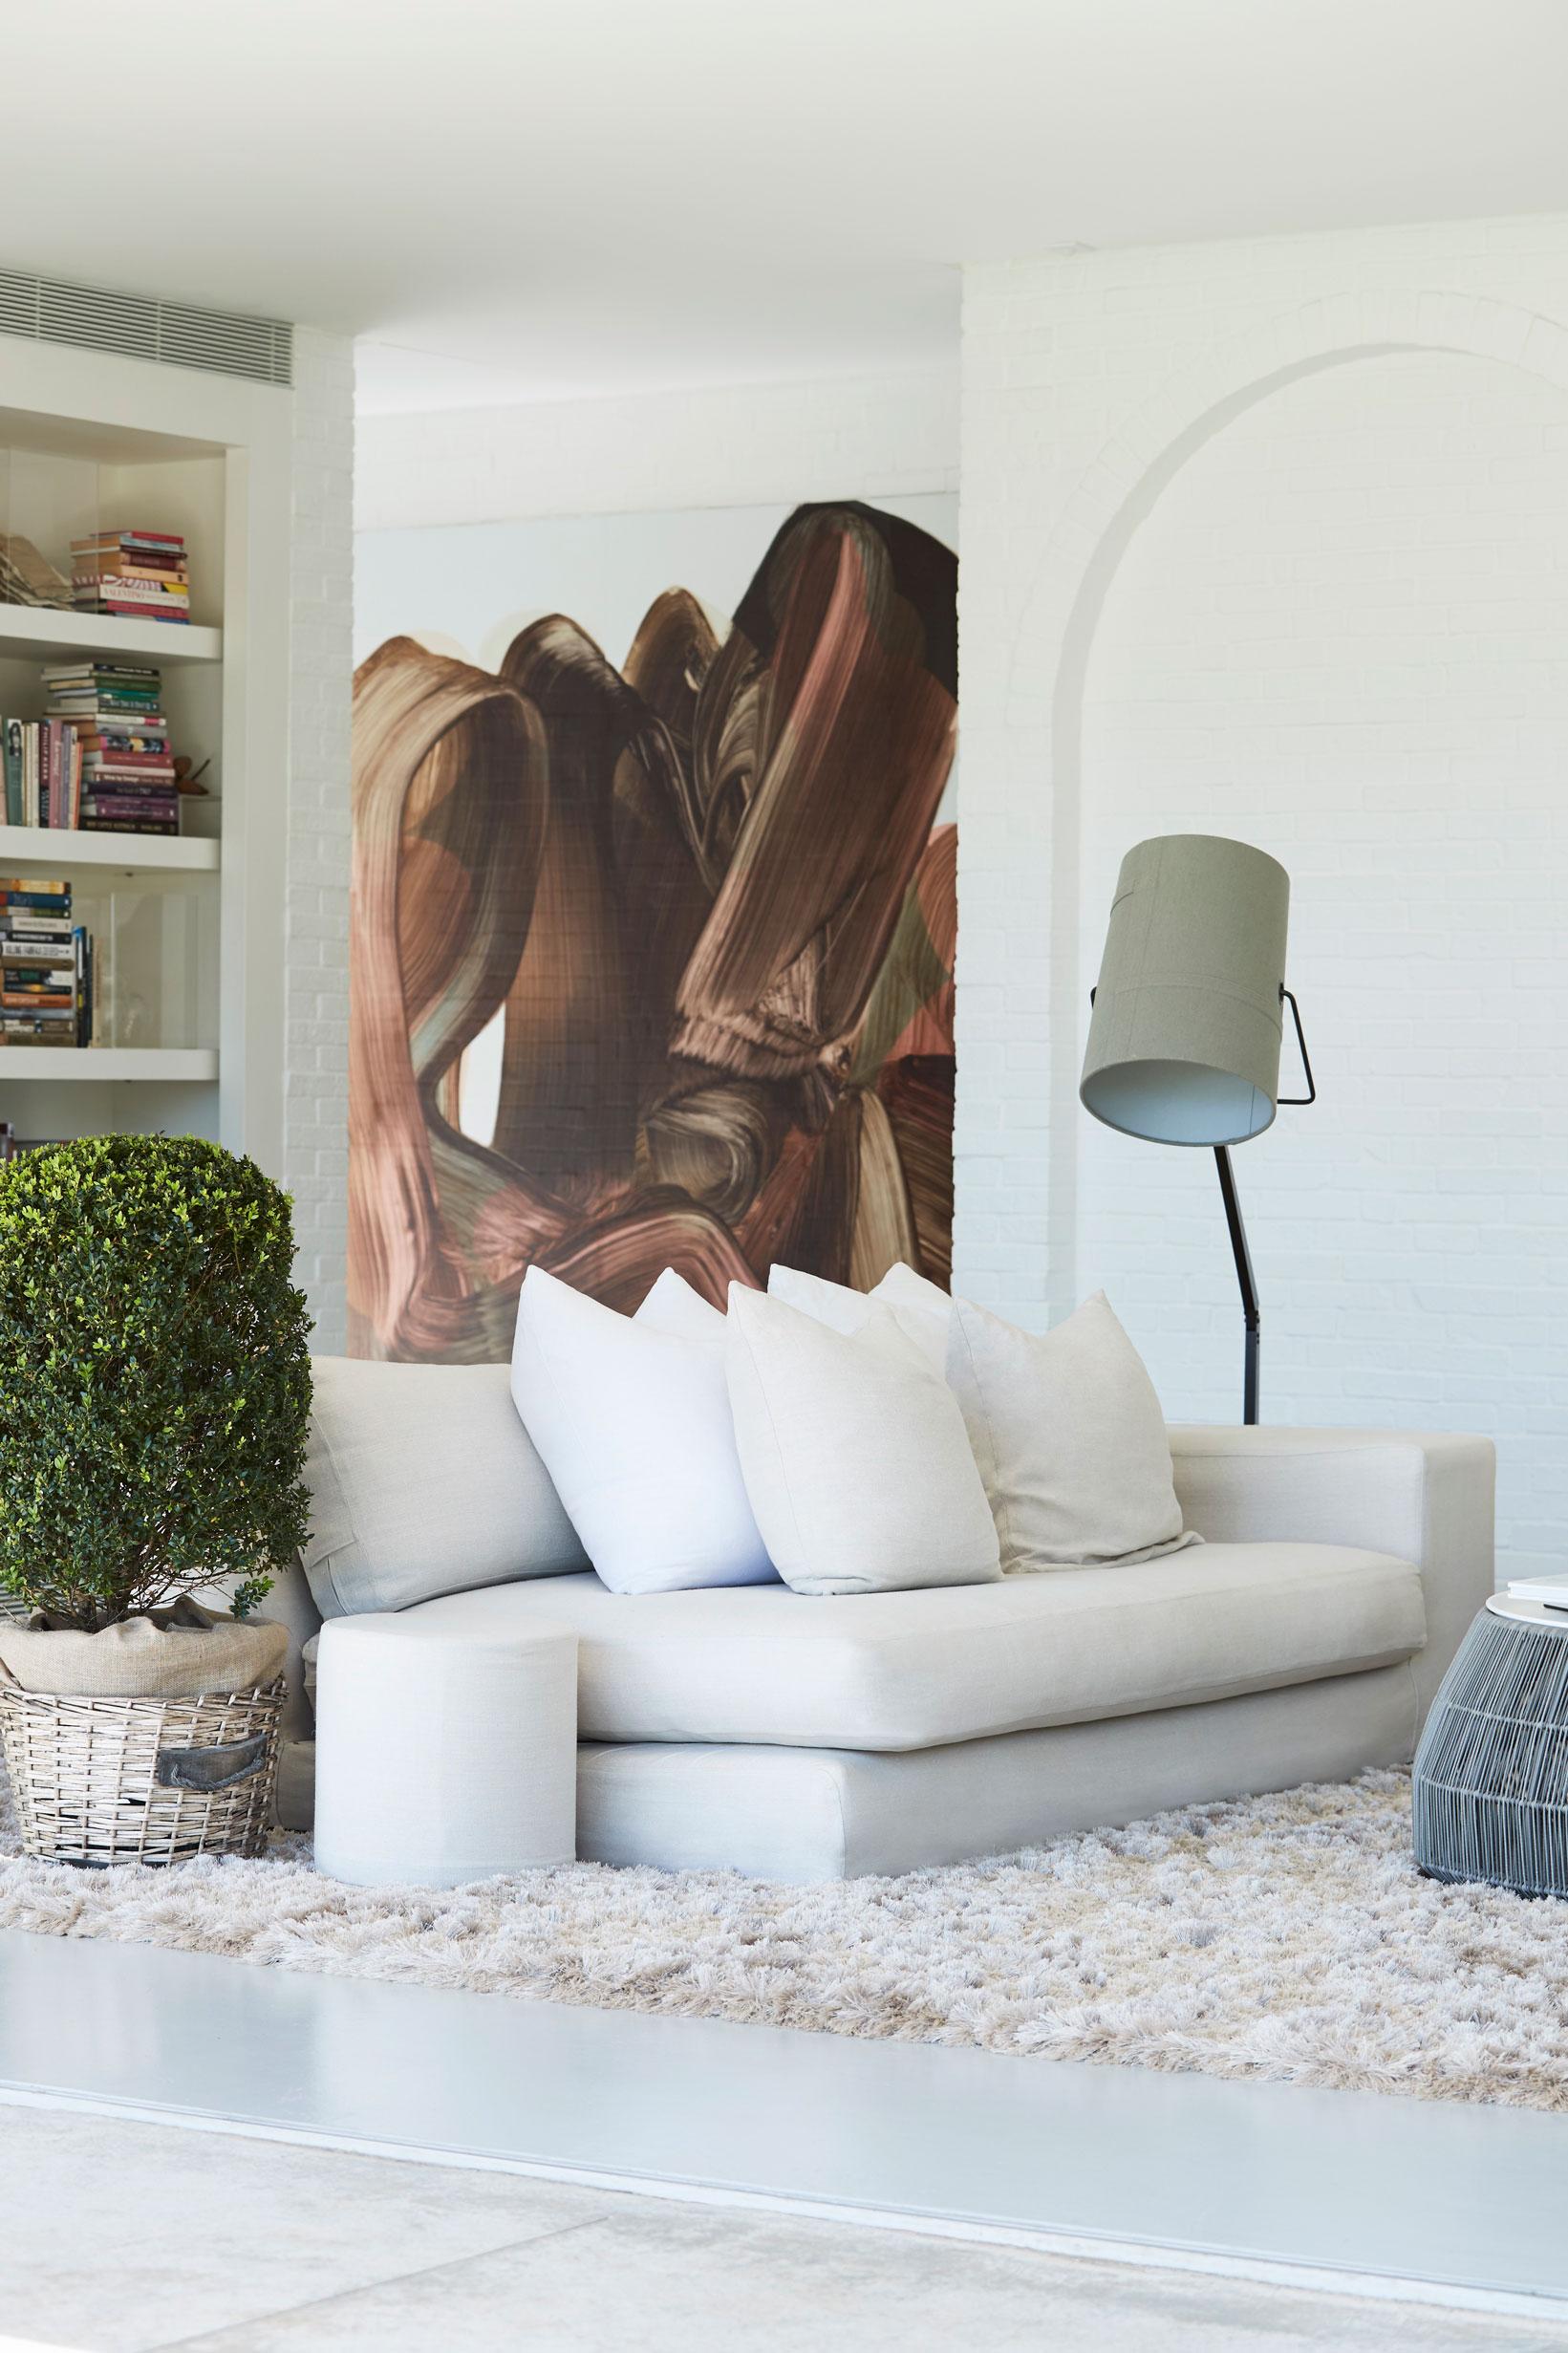 170328_Vogue_FionaMyer_Interiors_01_872A-copy.jpg